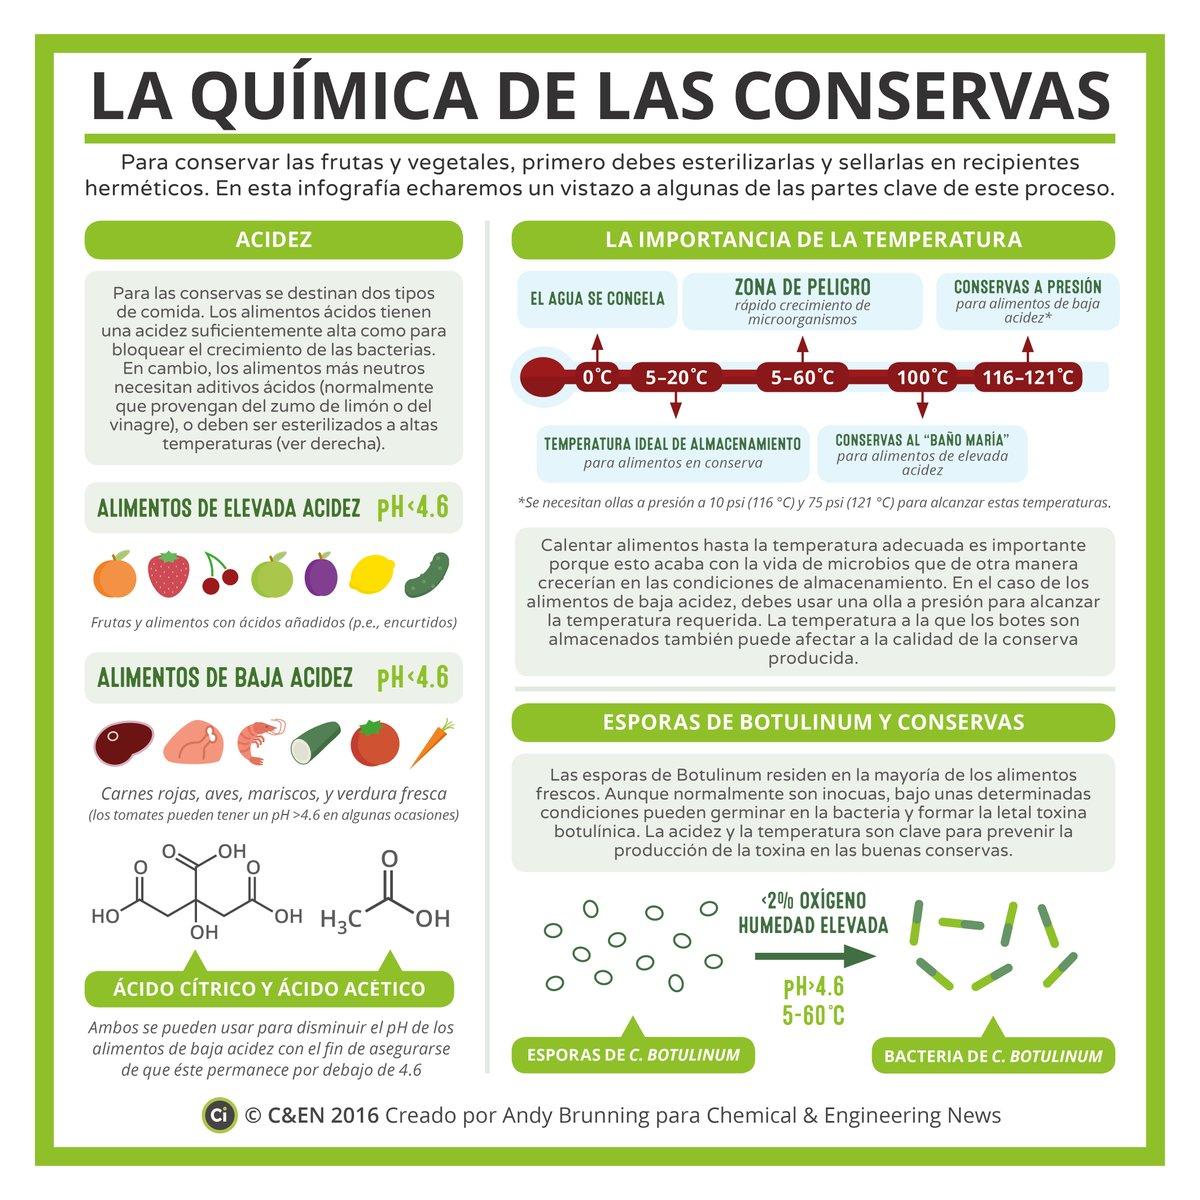 La química de las conservas